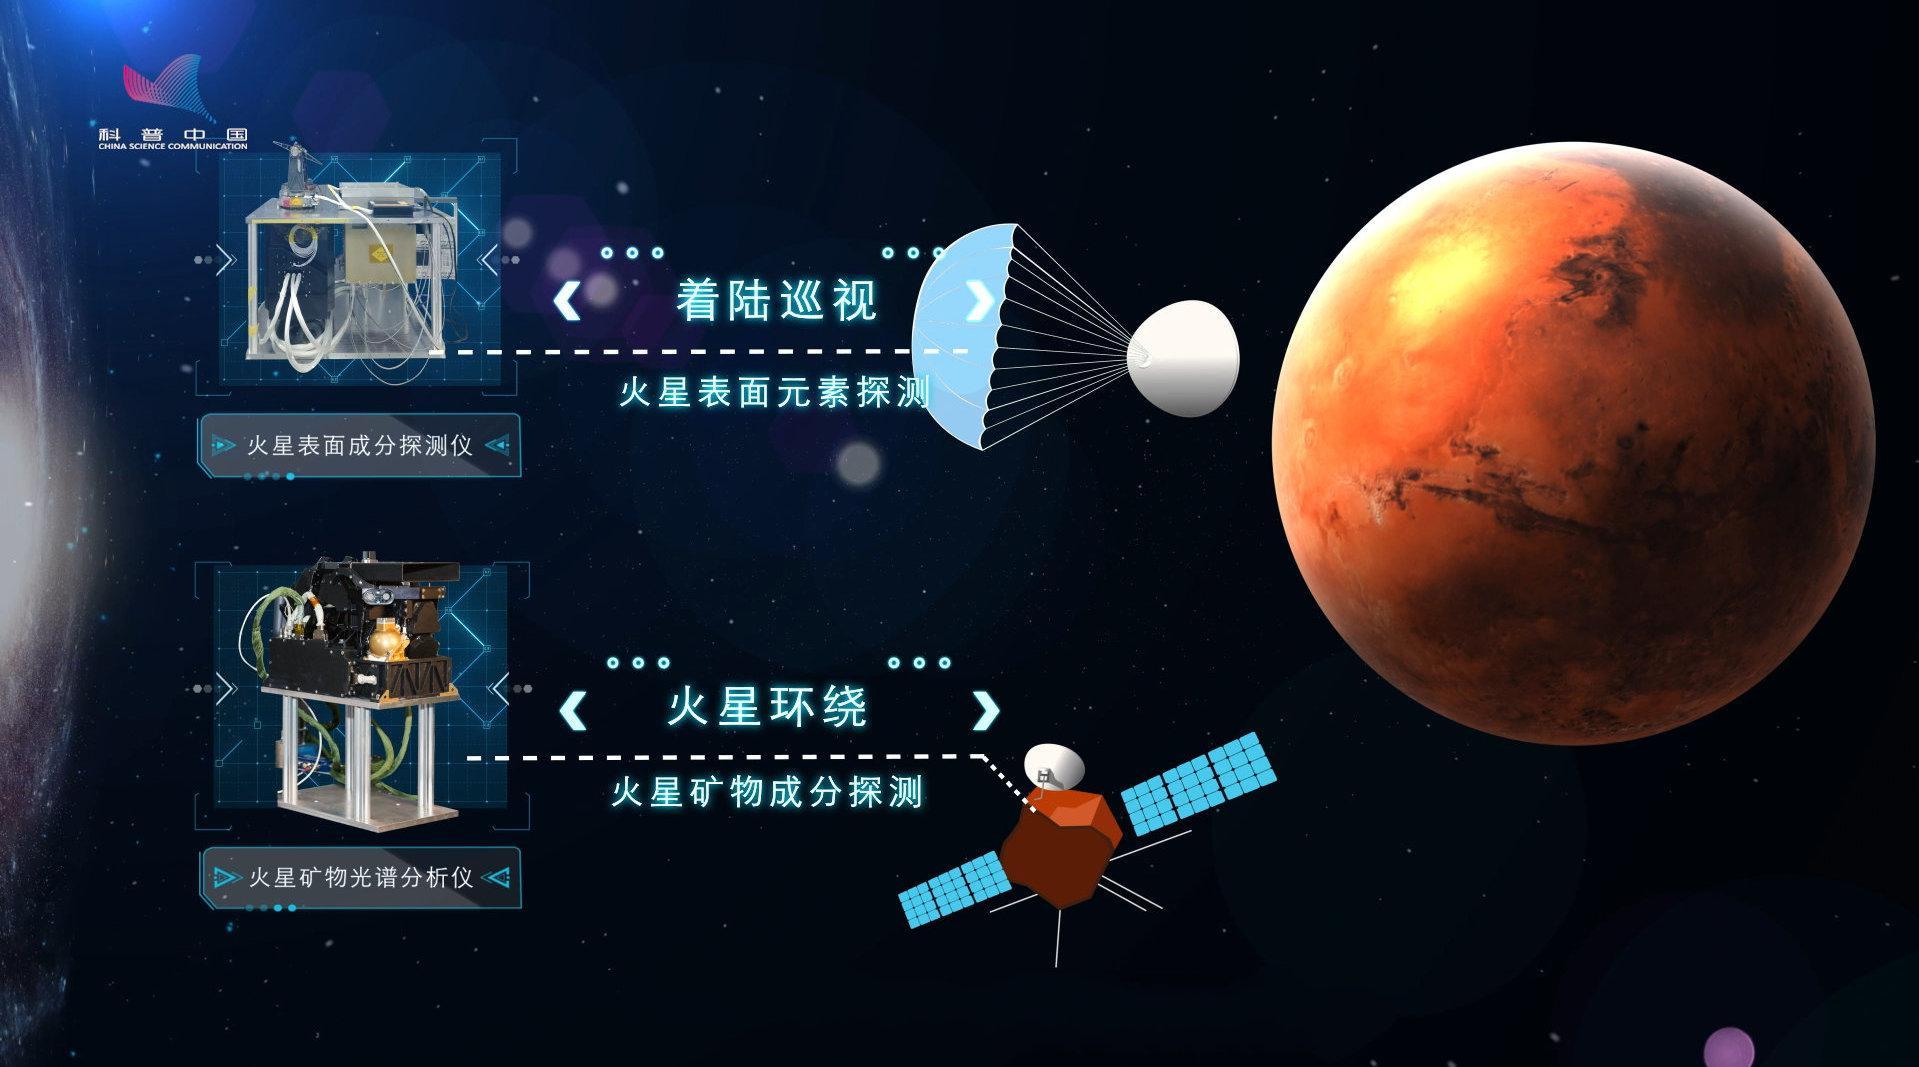 火星上到底有什么?大约8个月之后,它会替我们去看看